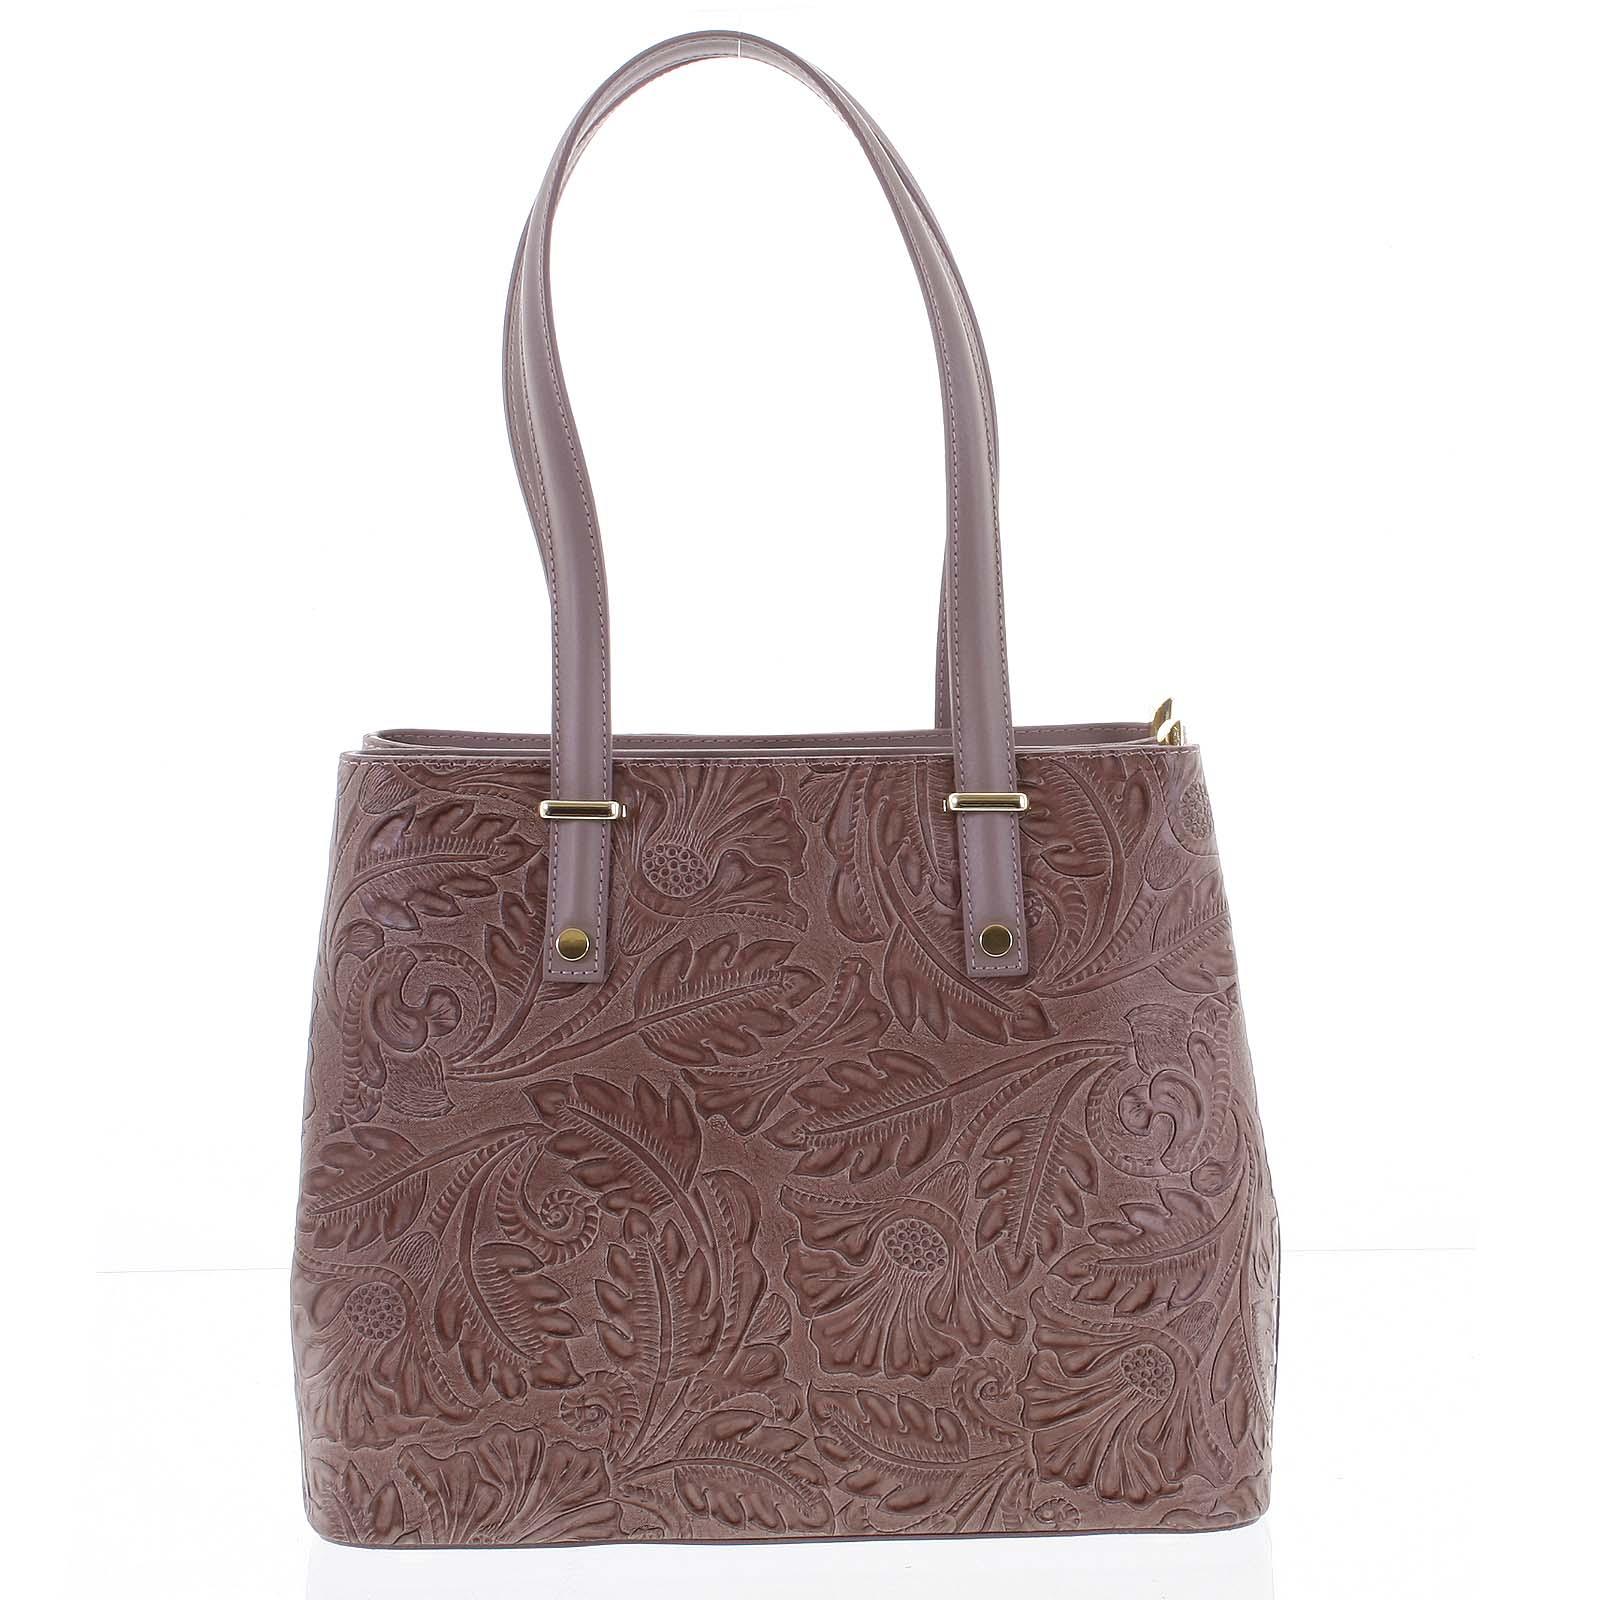 9756a0d7dc Exkluzivní dámská kožená kabelka tmavě růžová - ItalY Logistilla růžová. 1